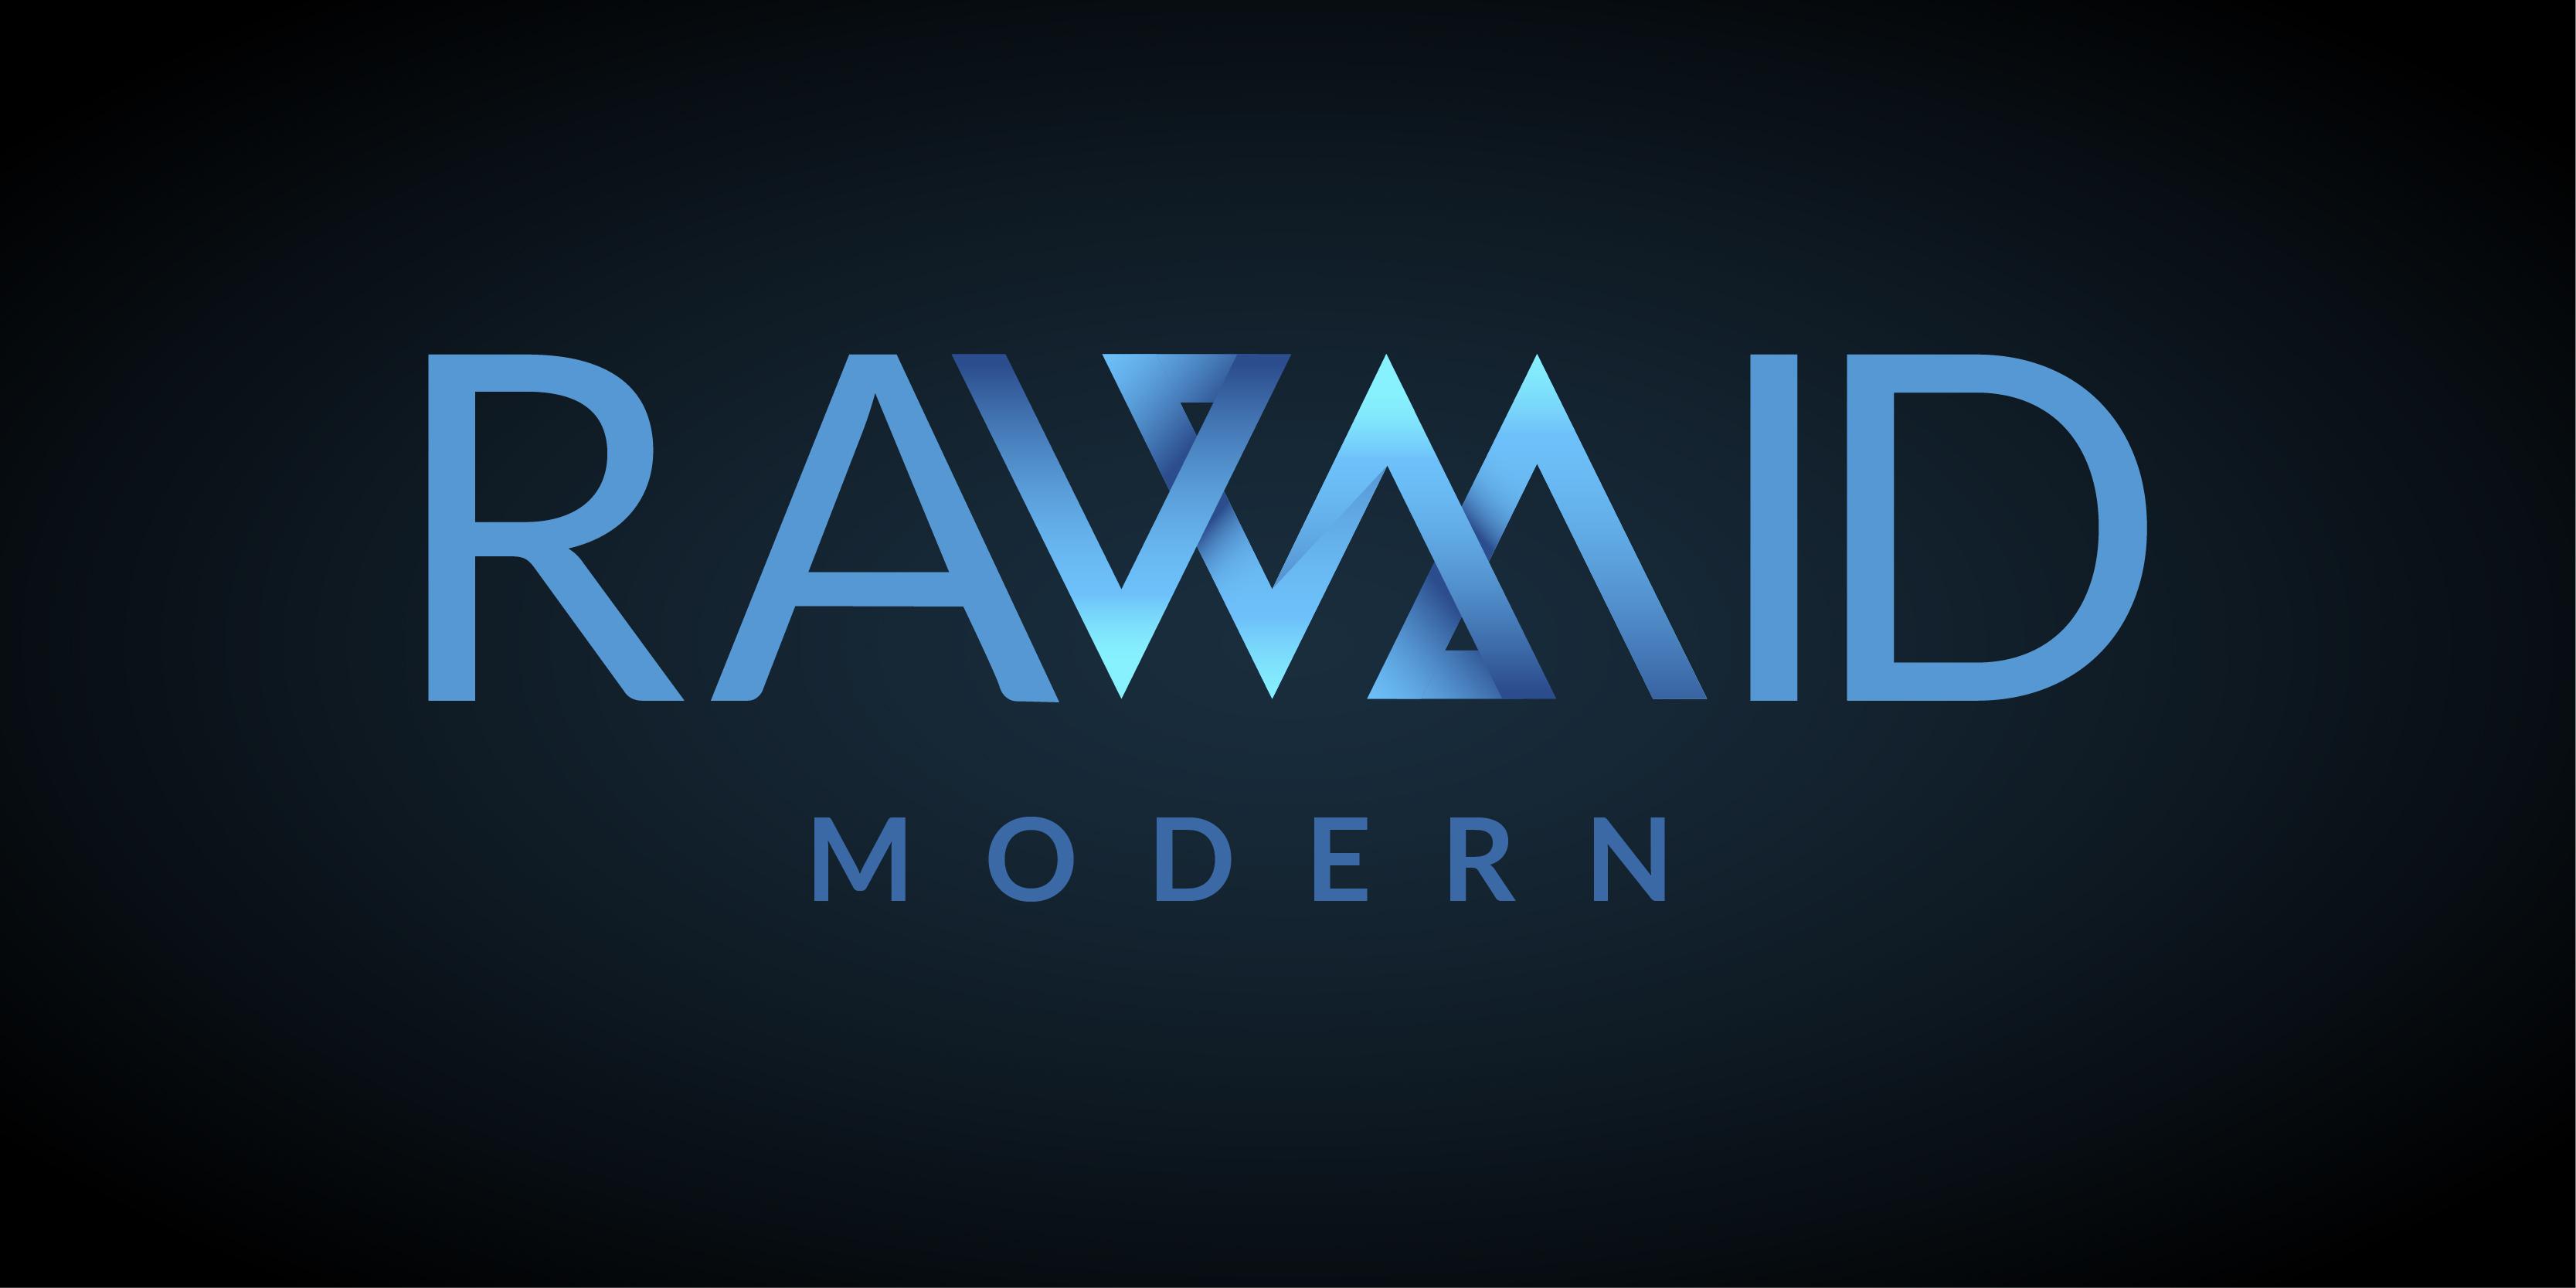 Создать логотип (буквенная часть) для бренда бытовой техники фото f_6195b46006fa8fdb.jpg